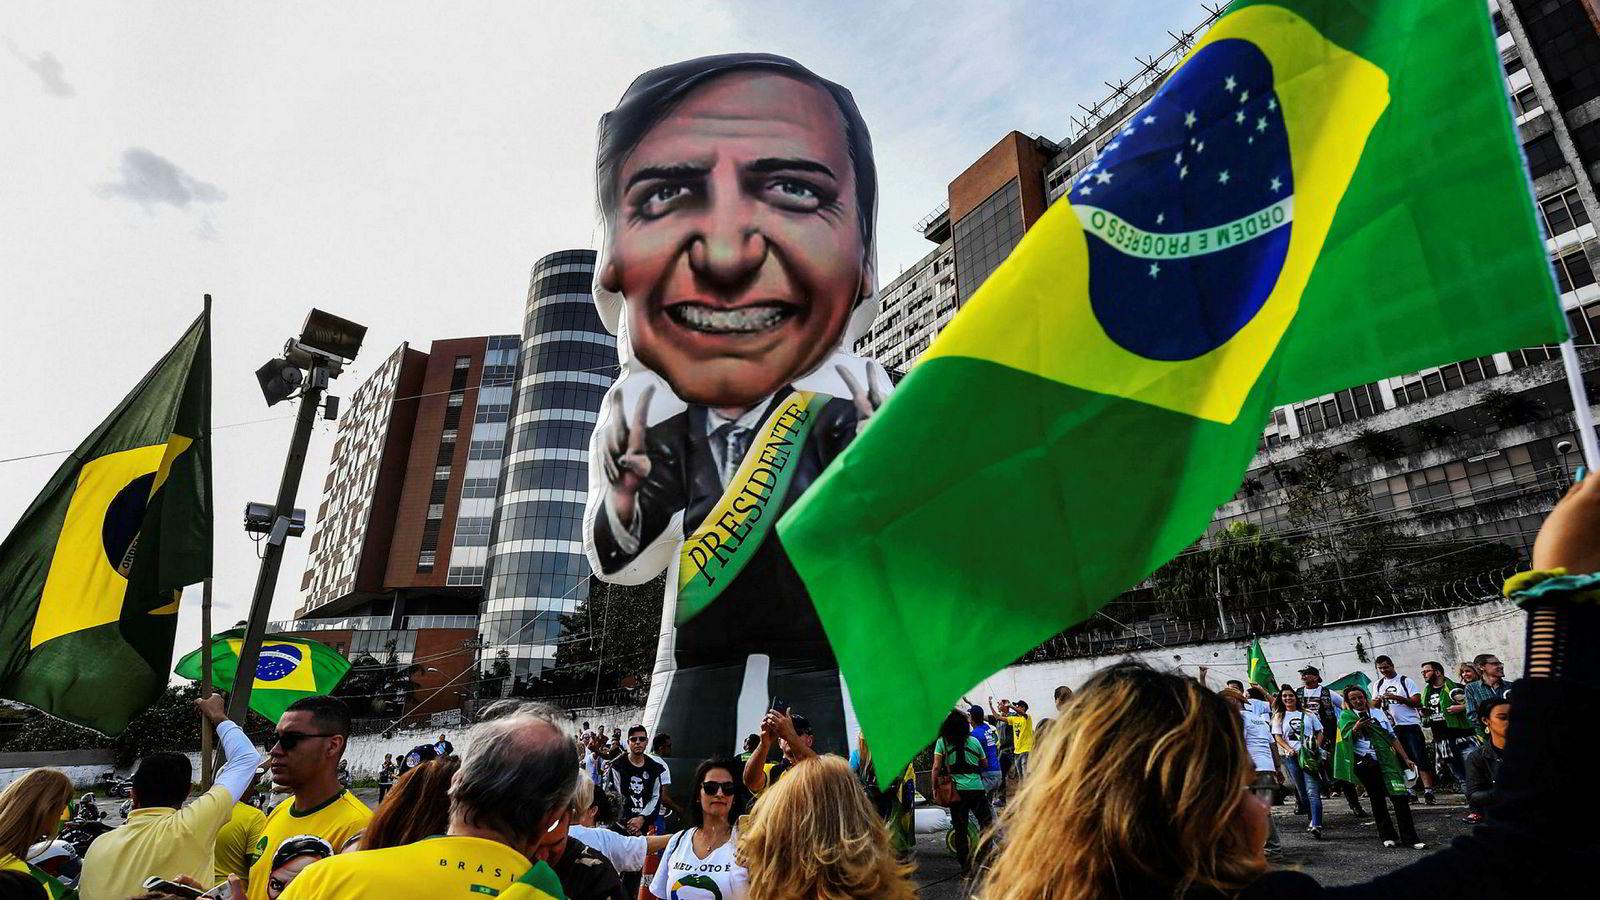 Presidentkandidat Jair Bolsonaro har ikke deltatt i valgkampen den siste måneden, og forklarer det med skadene etter et knivangrep. Tilhengere av Bolsonaro samlet seg utenfor sykehuset han var innlagt på for å vise sin støtte.